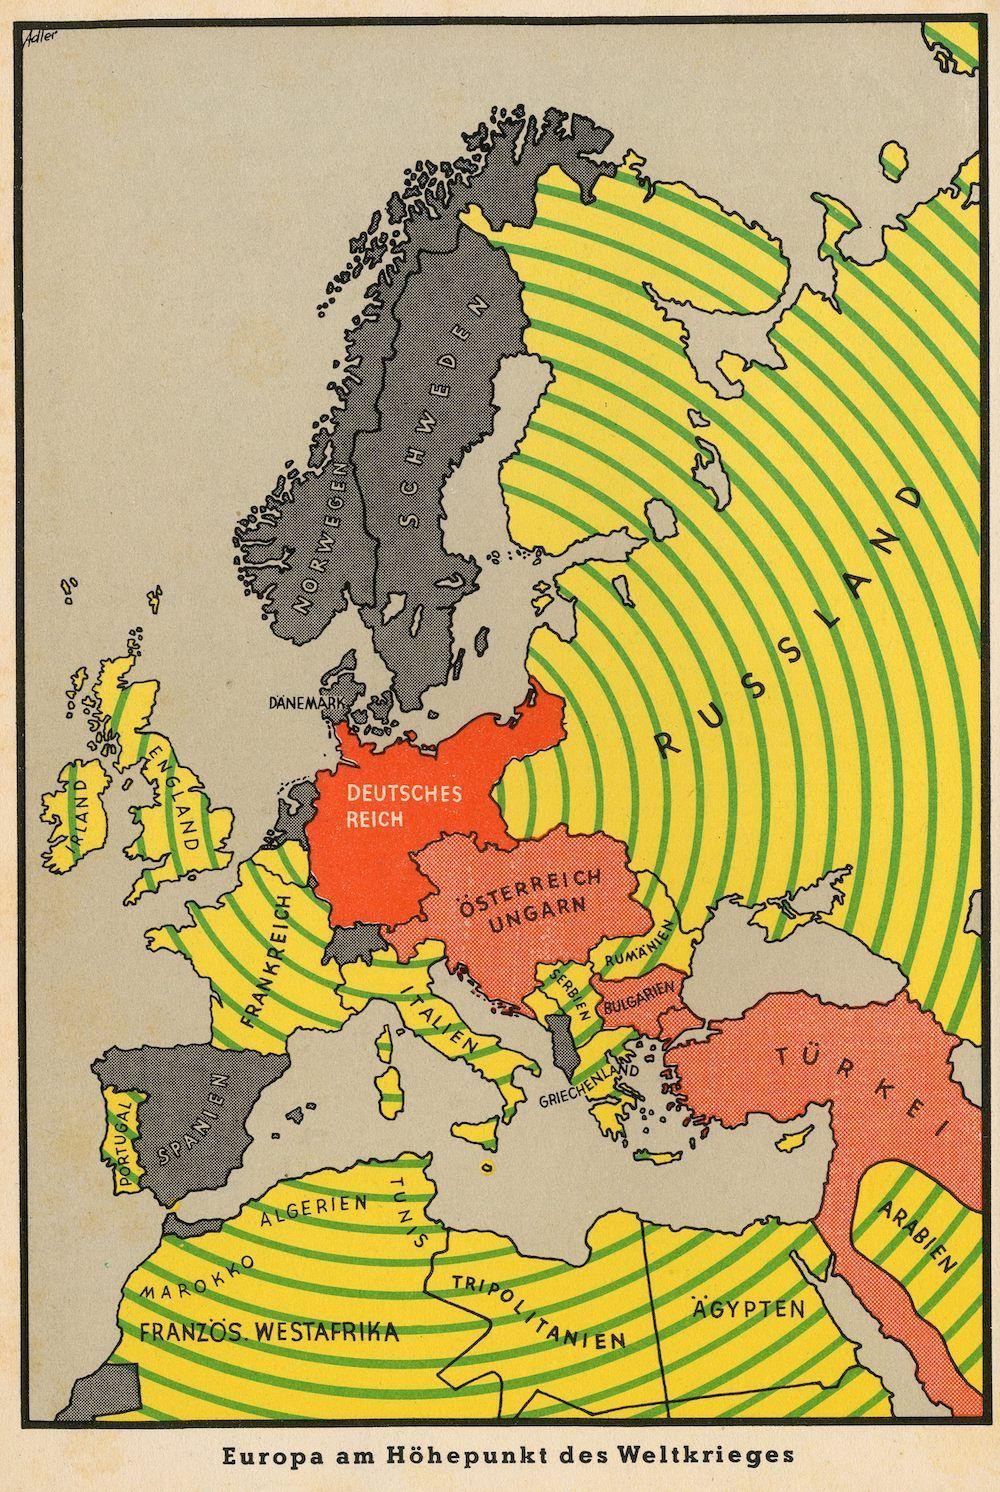 E. adler, Europa am Höhepunkt des Weltkrieges (L'Europa all'apice della guerra mondiale), da G. Wirsing, Der Krieg 1939-41 in Karten, München 1942, Knorr & Hirth, tav. 1.